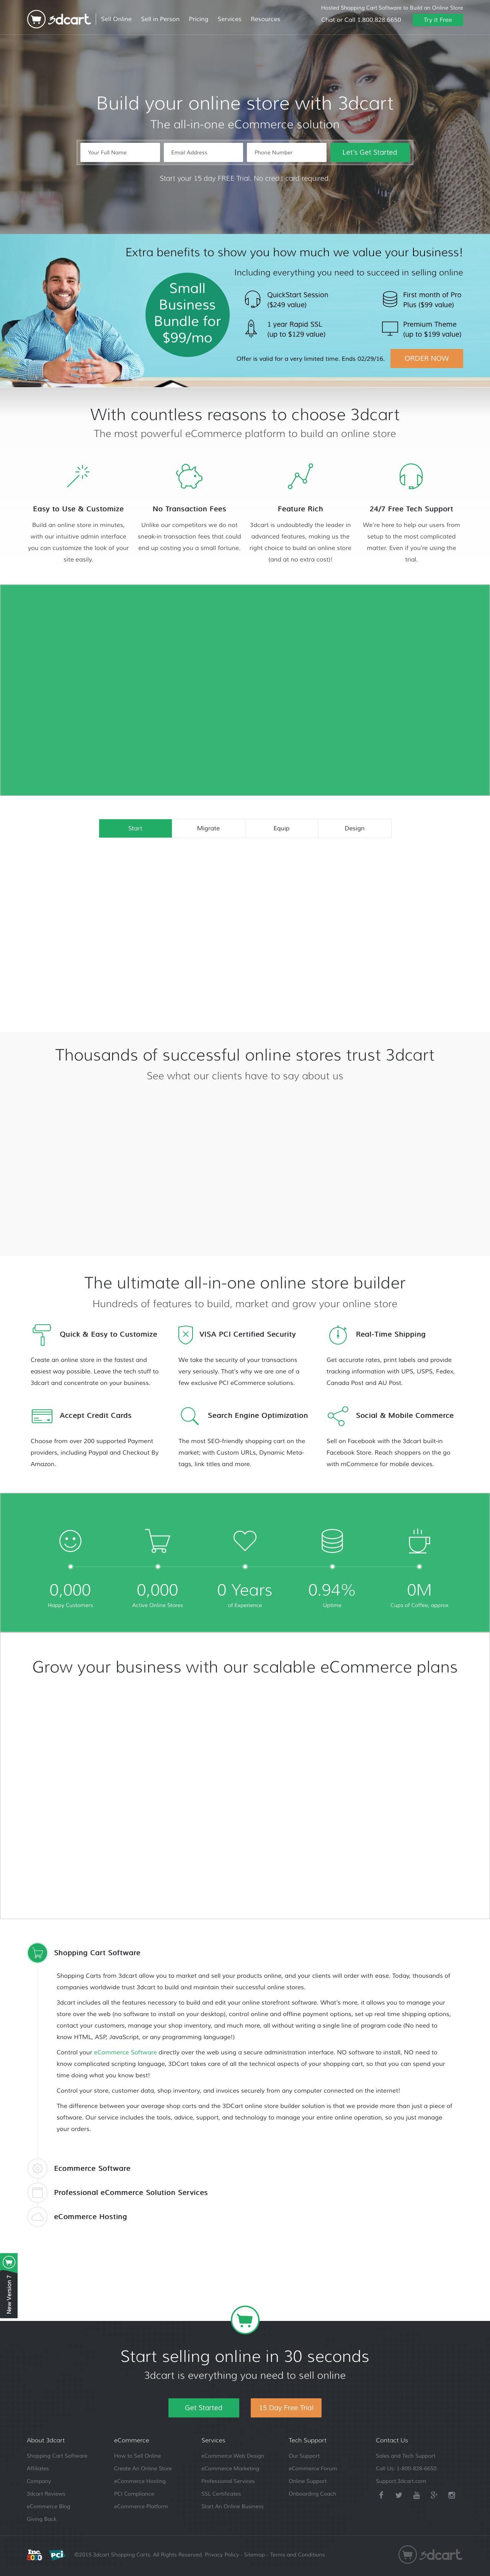 Screenshot of 3dcart.com - eCommerce Software & Shopping Cart Software by 3dcart - captured Feb. 2, 2016